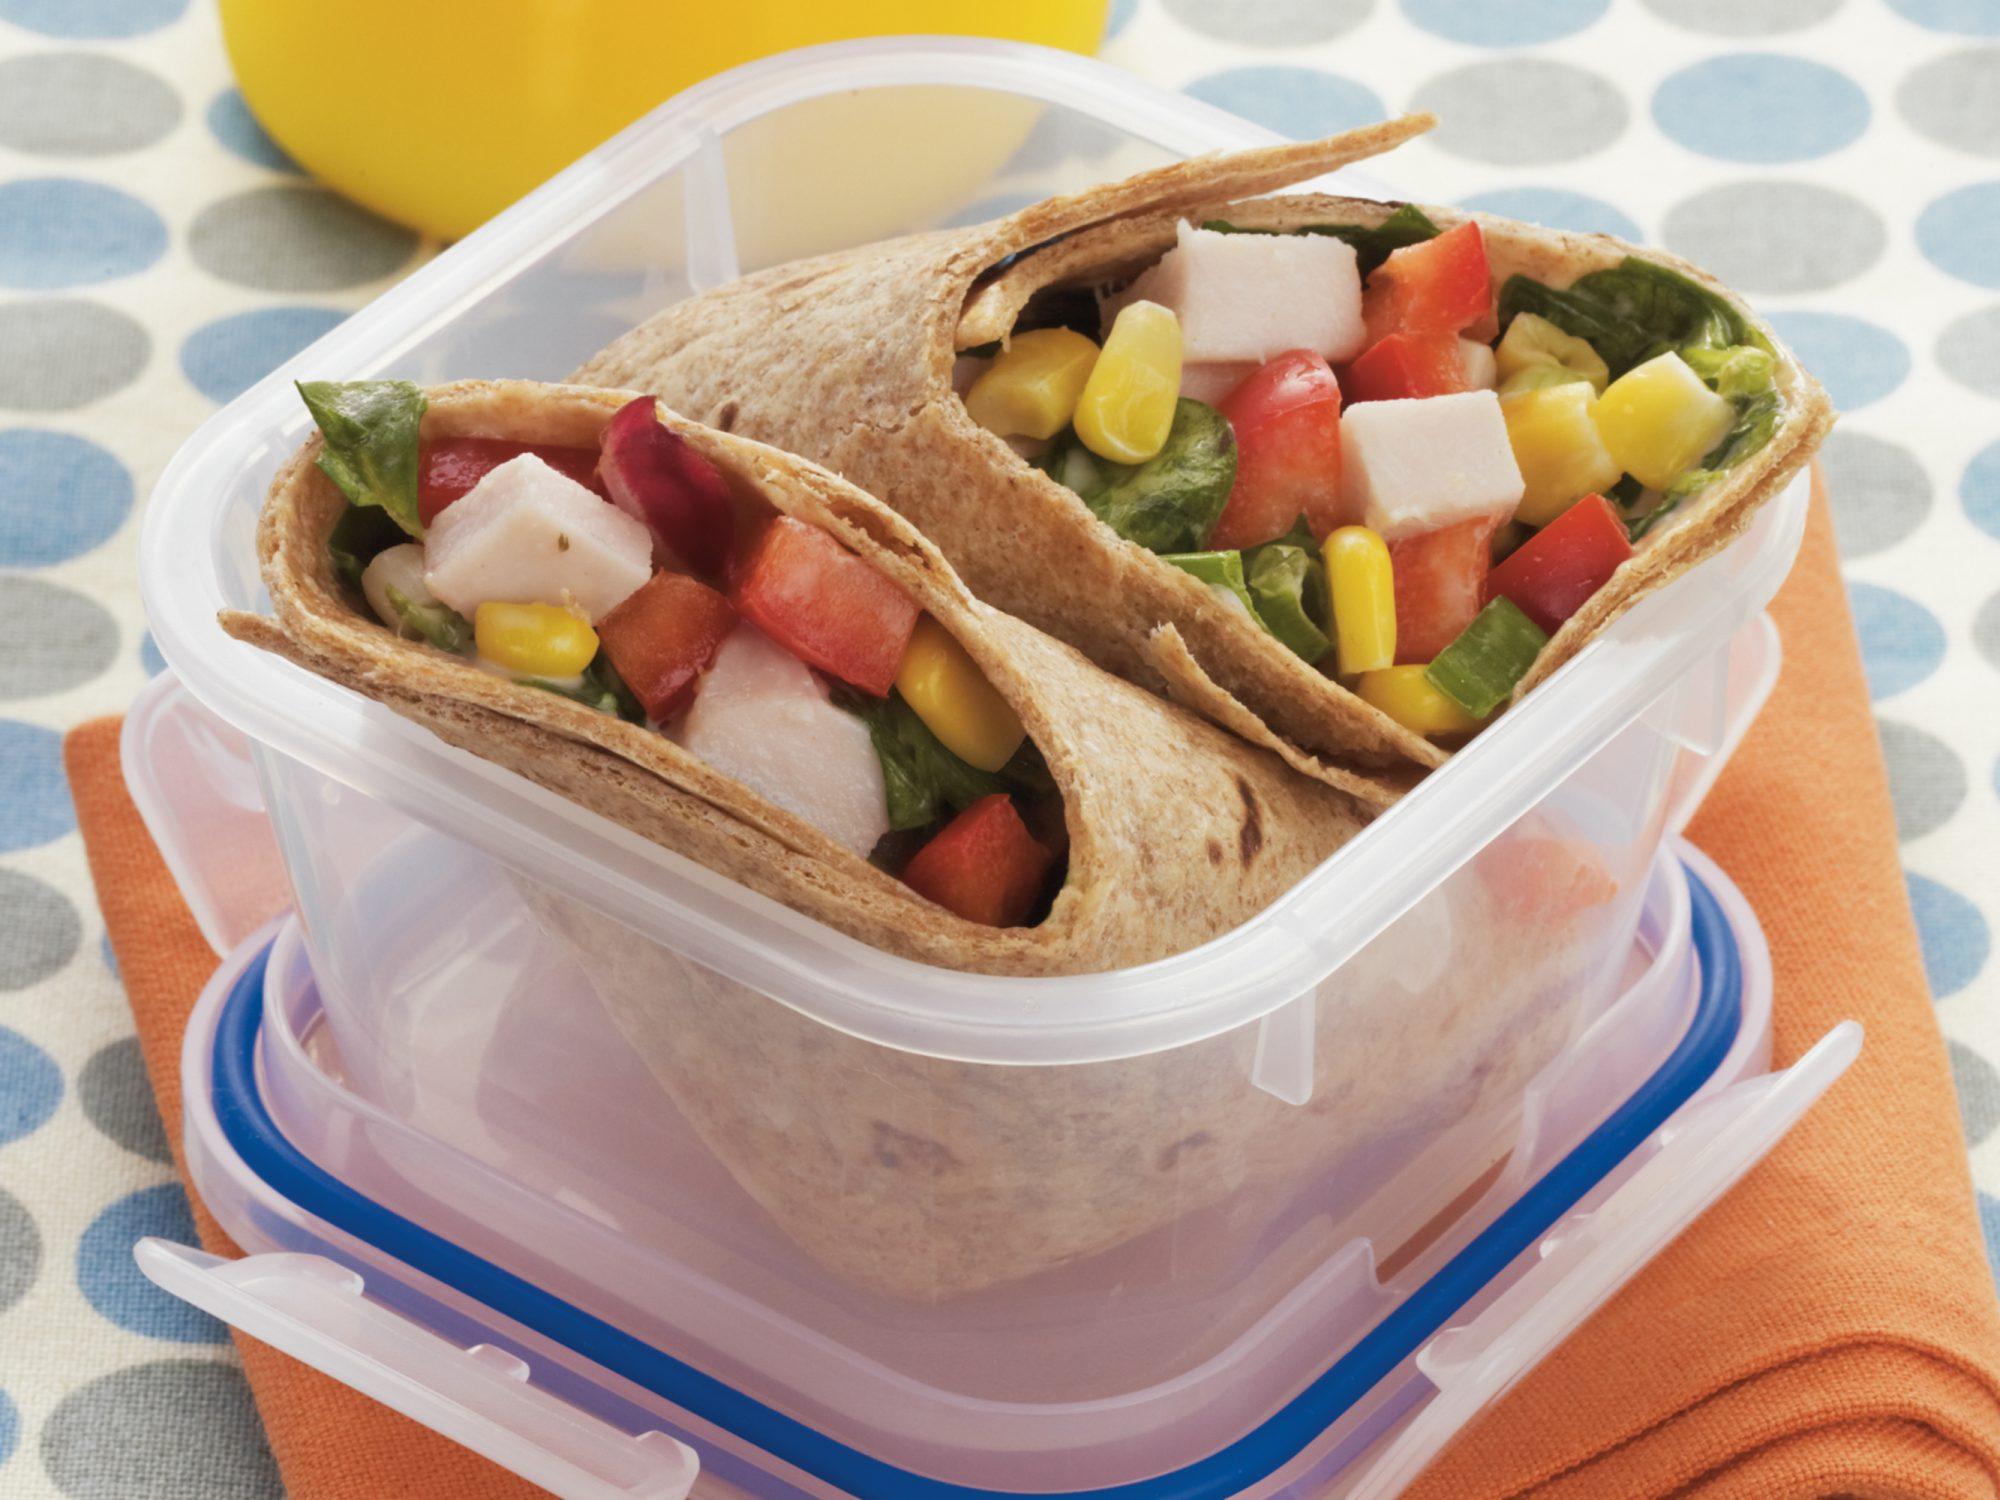 Turkey Vegetable Wraps